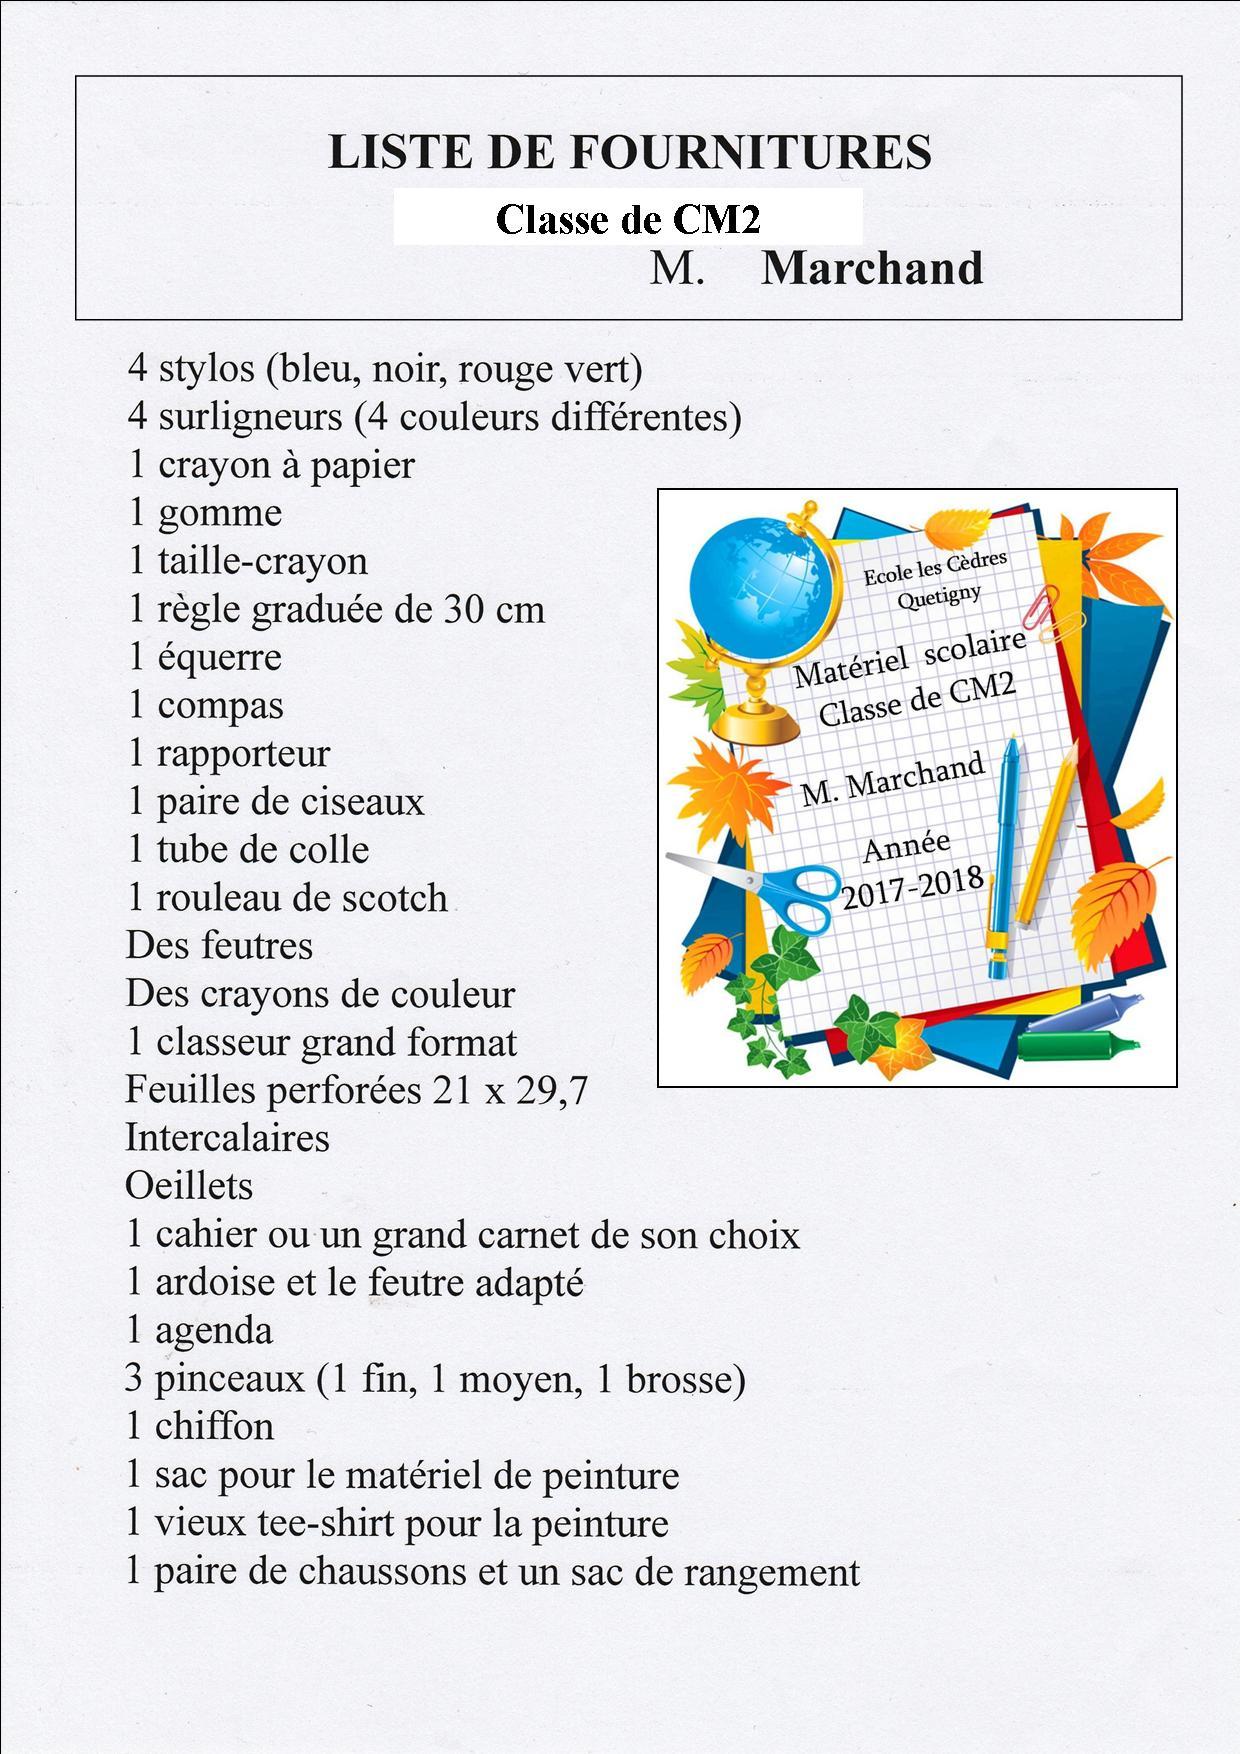 Liste matériel scolaire Pascal Marchand.jpg